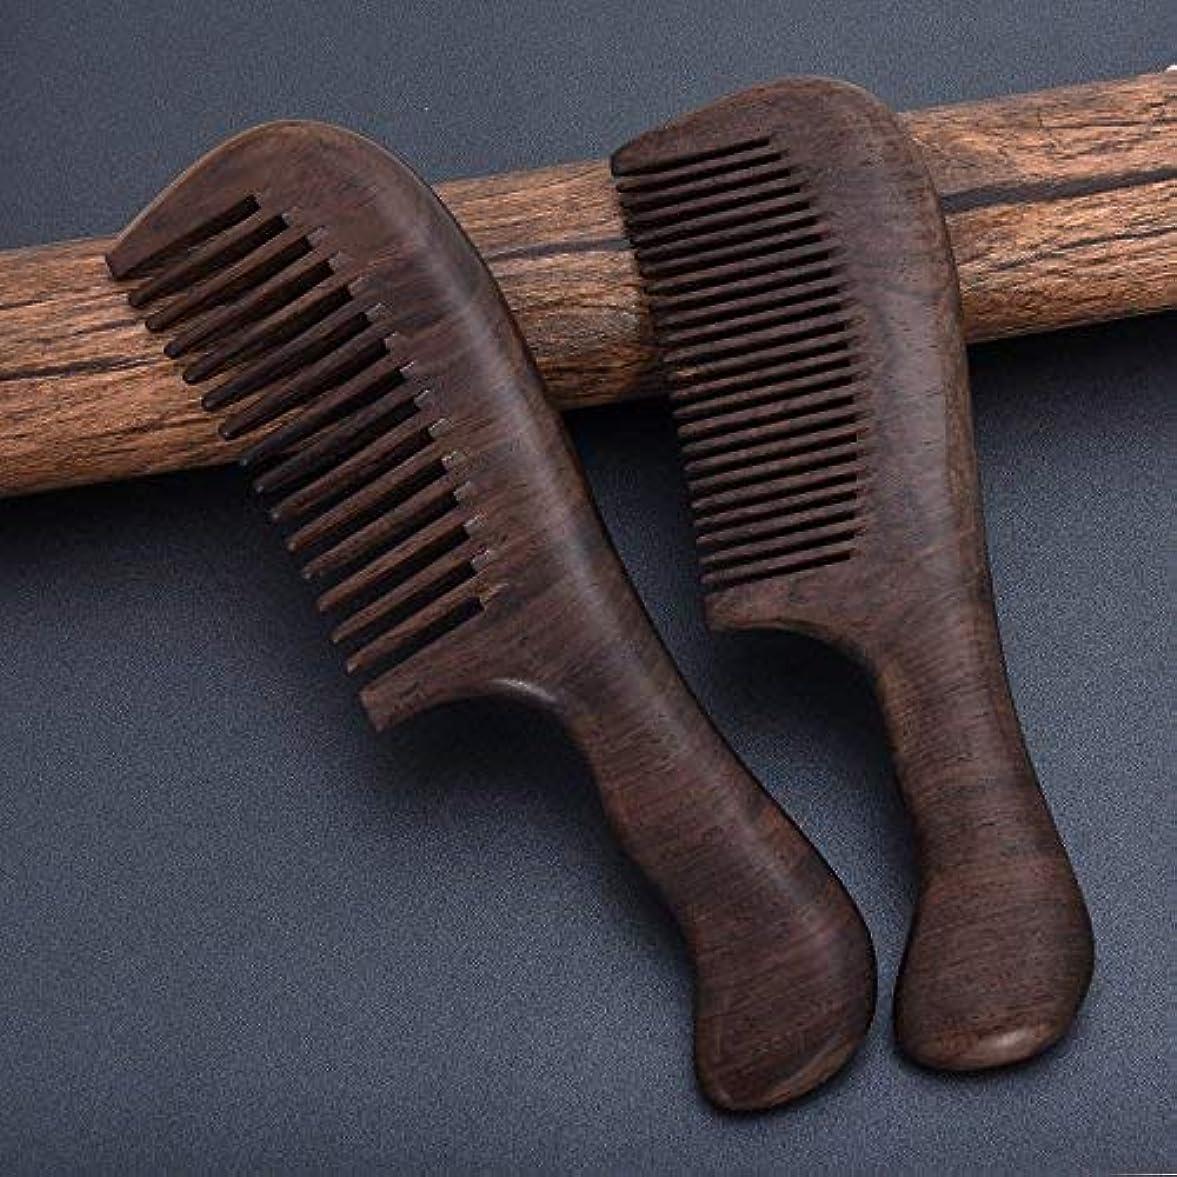 スキャン授業料刈るBlack Sandalwood Hair Comb, Pack of 2 Anti-static 8 inches Wooden Comb Set with Natural Aroma, A Standard Comb...